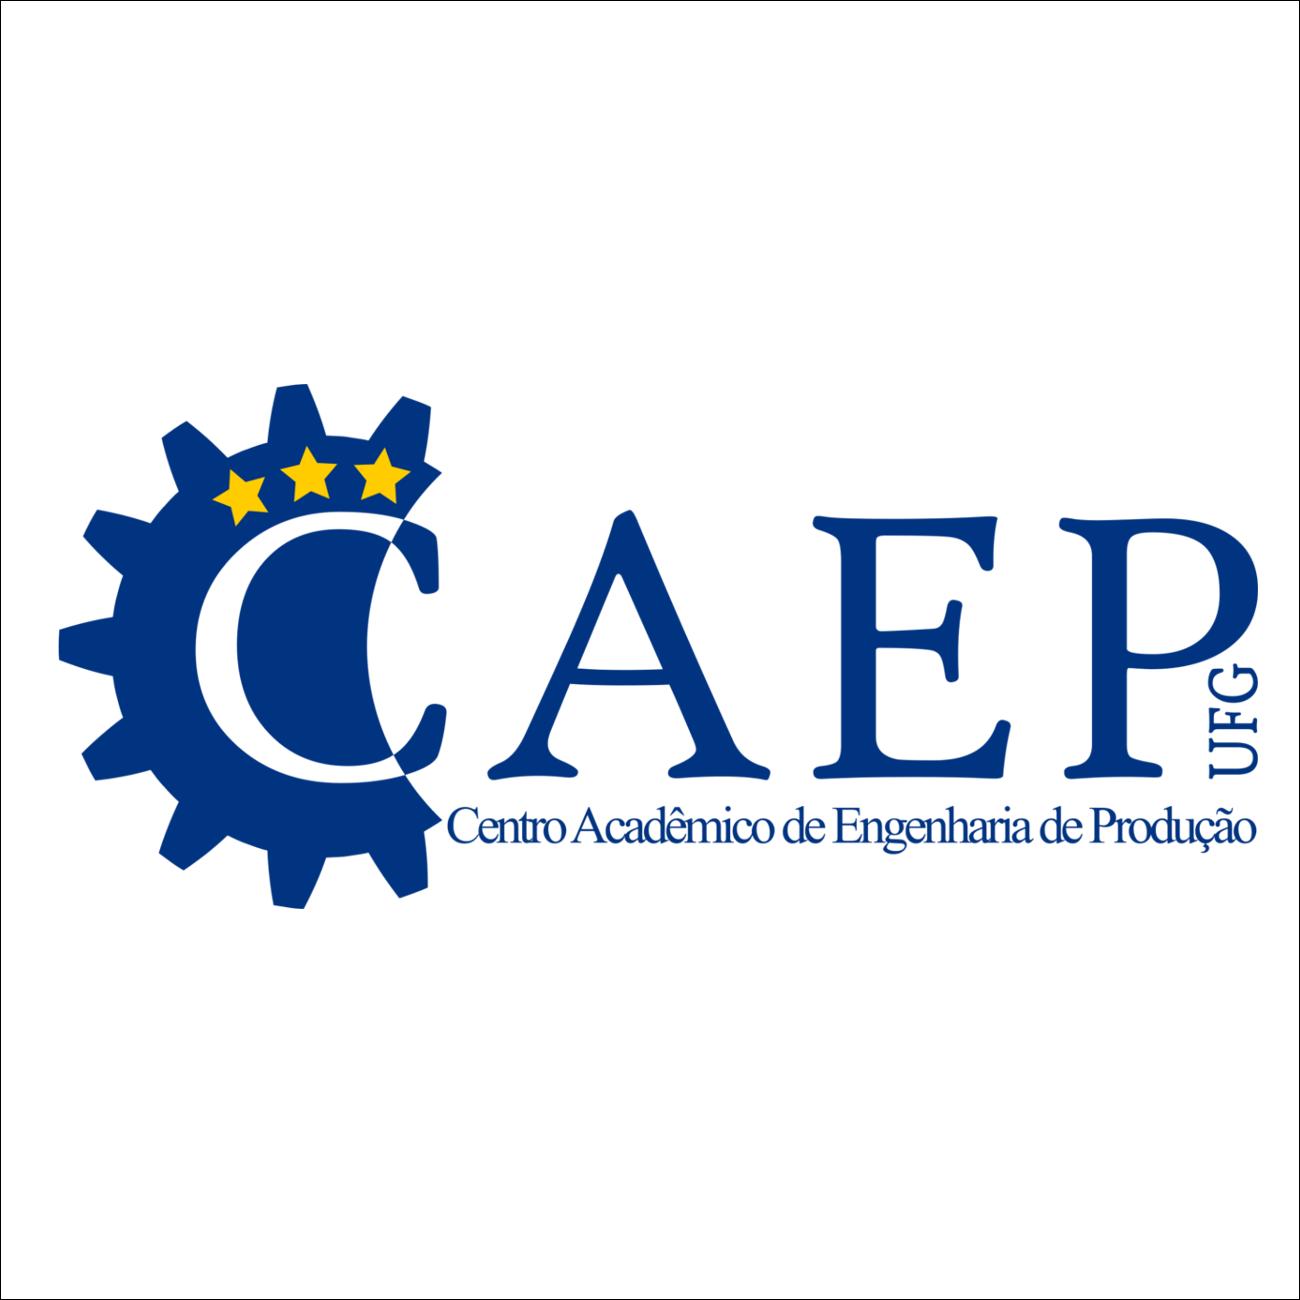 logo-caep-2